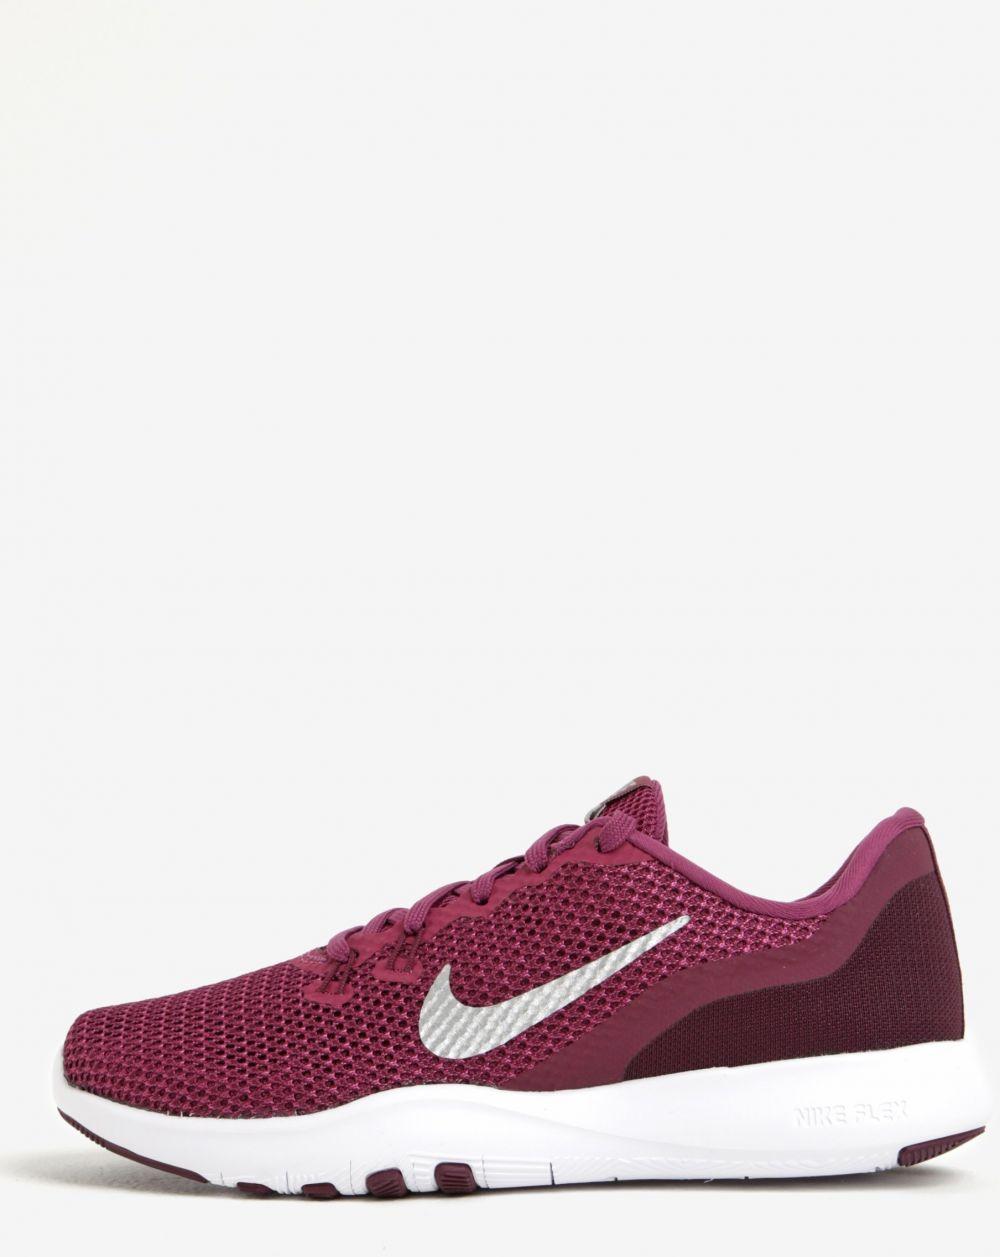 d4c92e7207 Fialové dámske tenisky Nike Flex TR 7 značky Nike - Lovely.sk